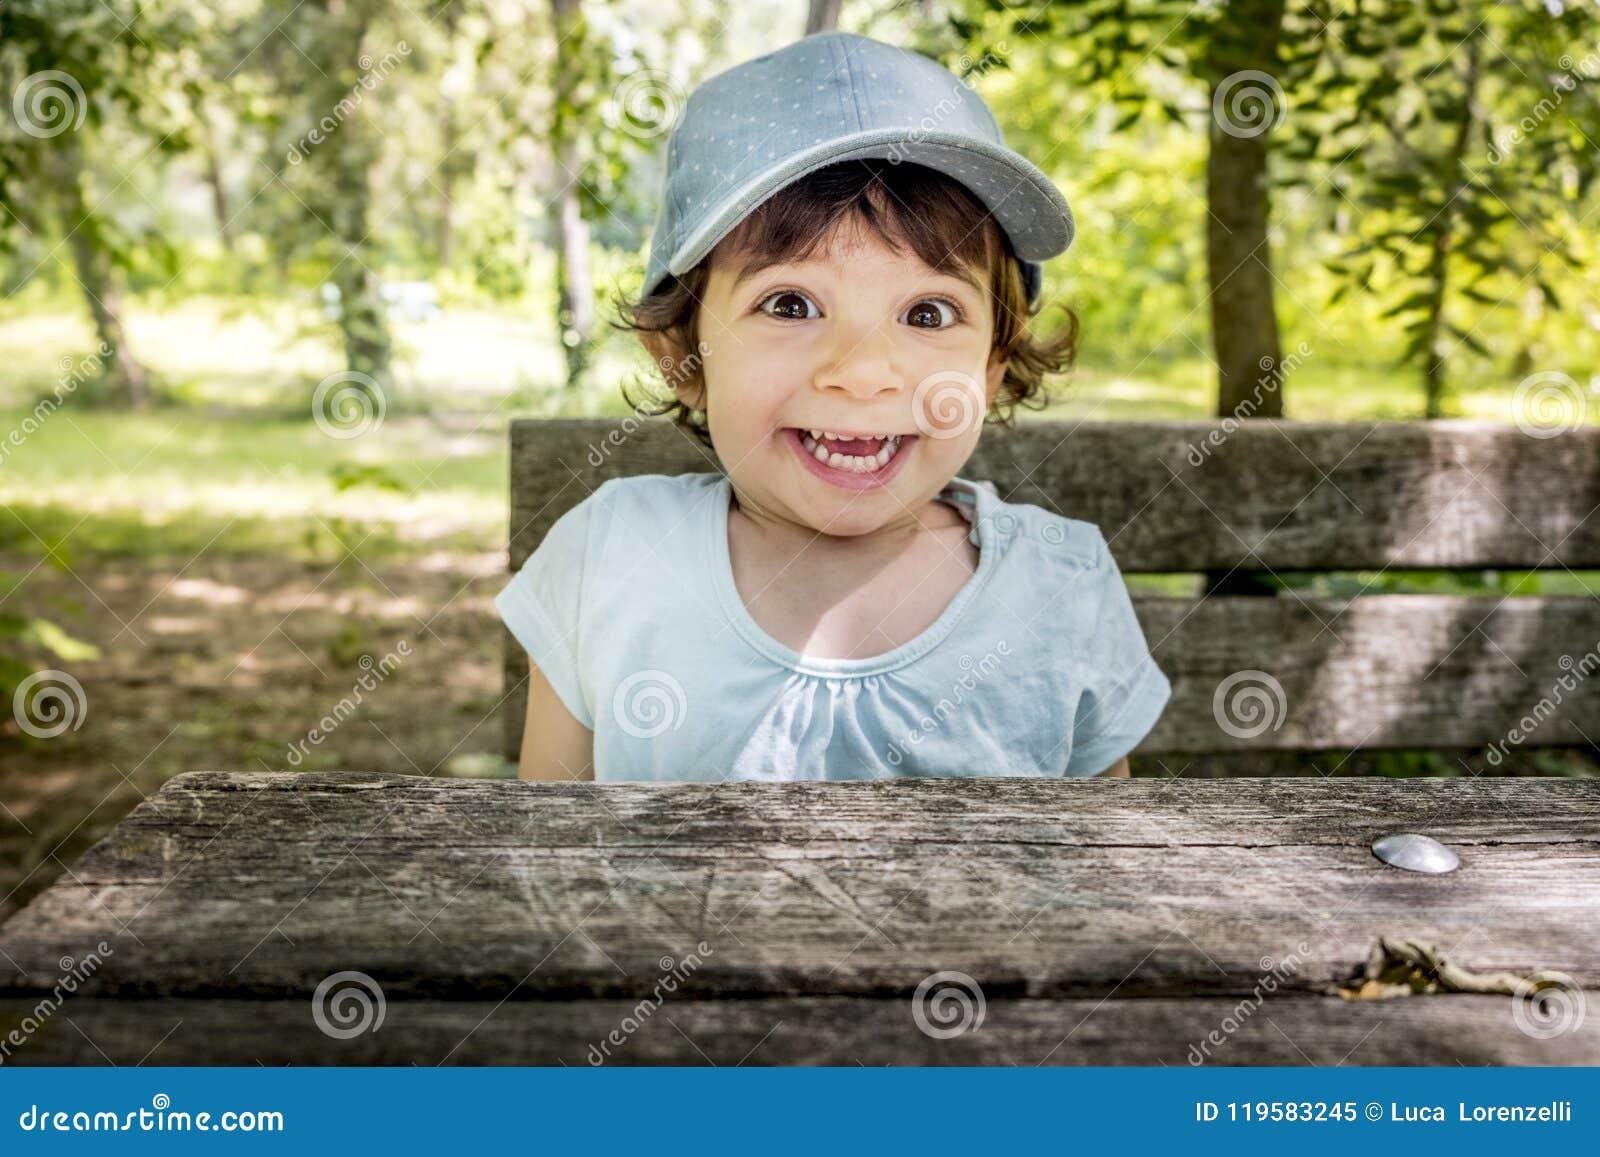 惊奇的儿童微笑的快乐的婴孩棒球帽室外活跃淘气愉快的孩子